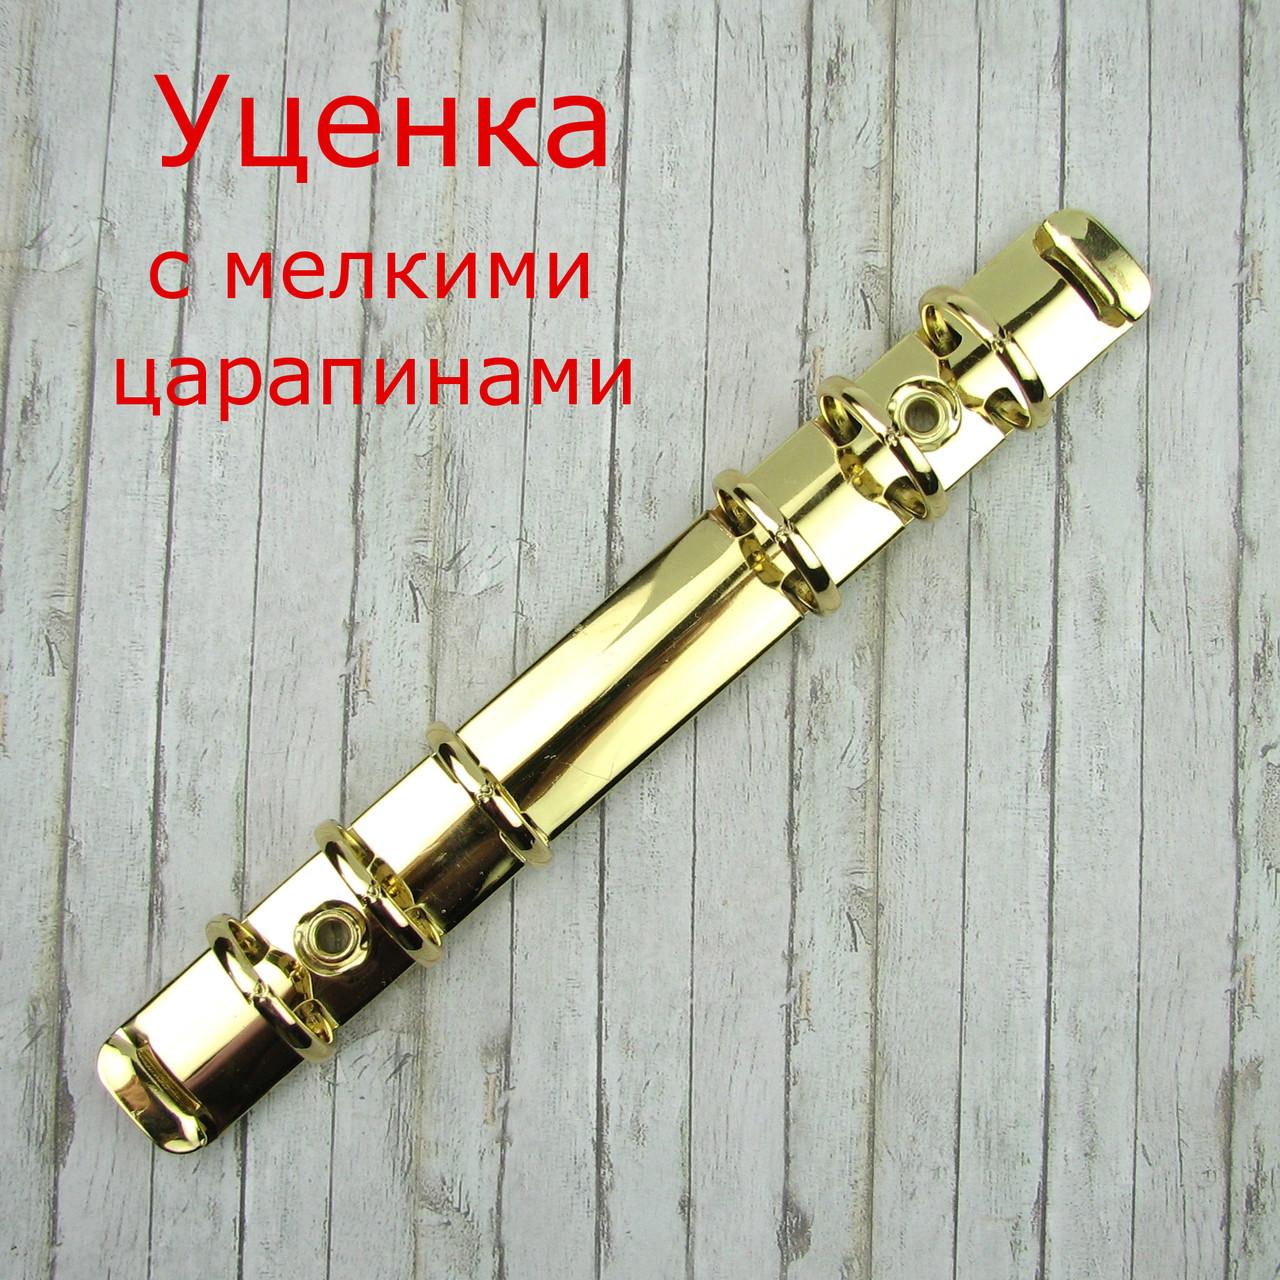 УЦЕНКА Кольцевые механизмы А6 - 1шт на 6 колец 171/20мм с  креплением Золото